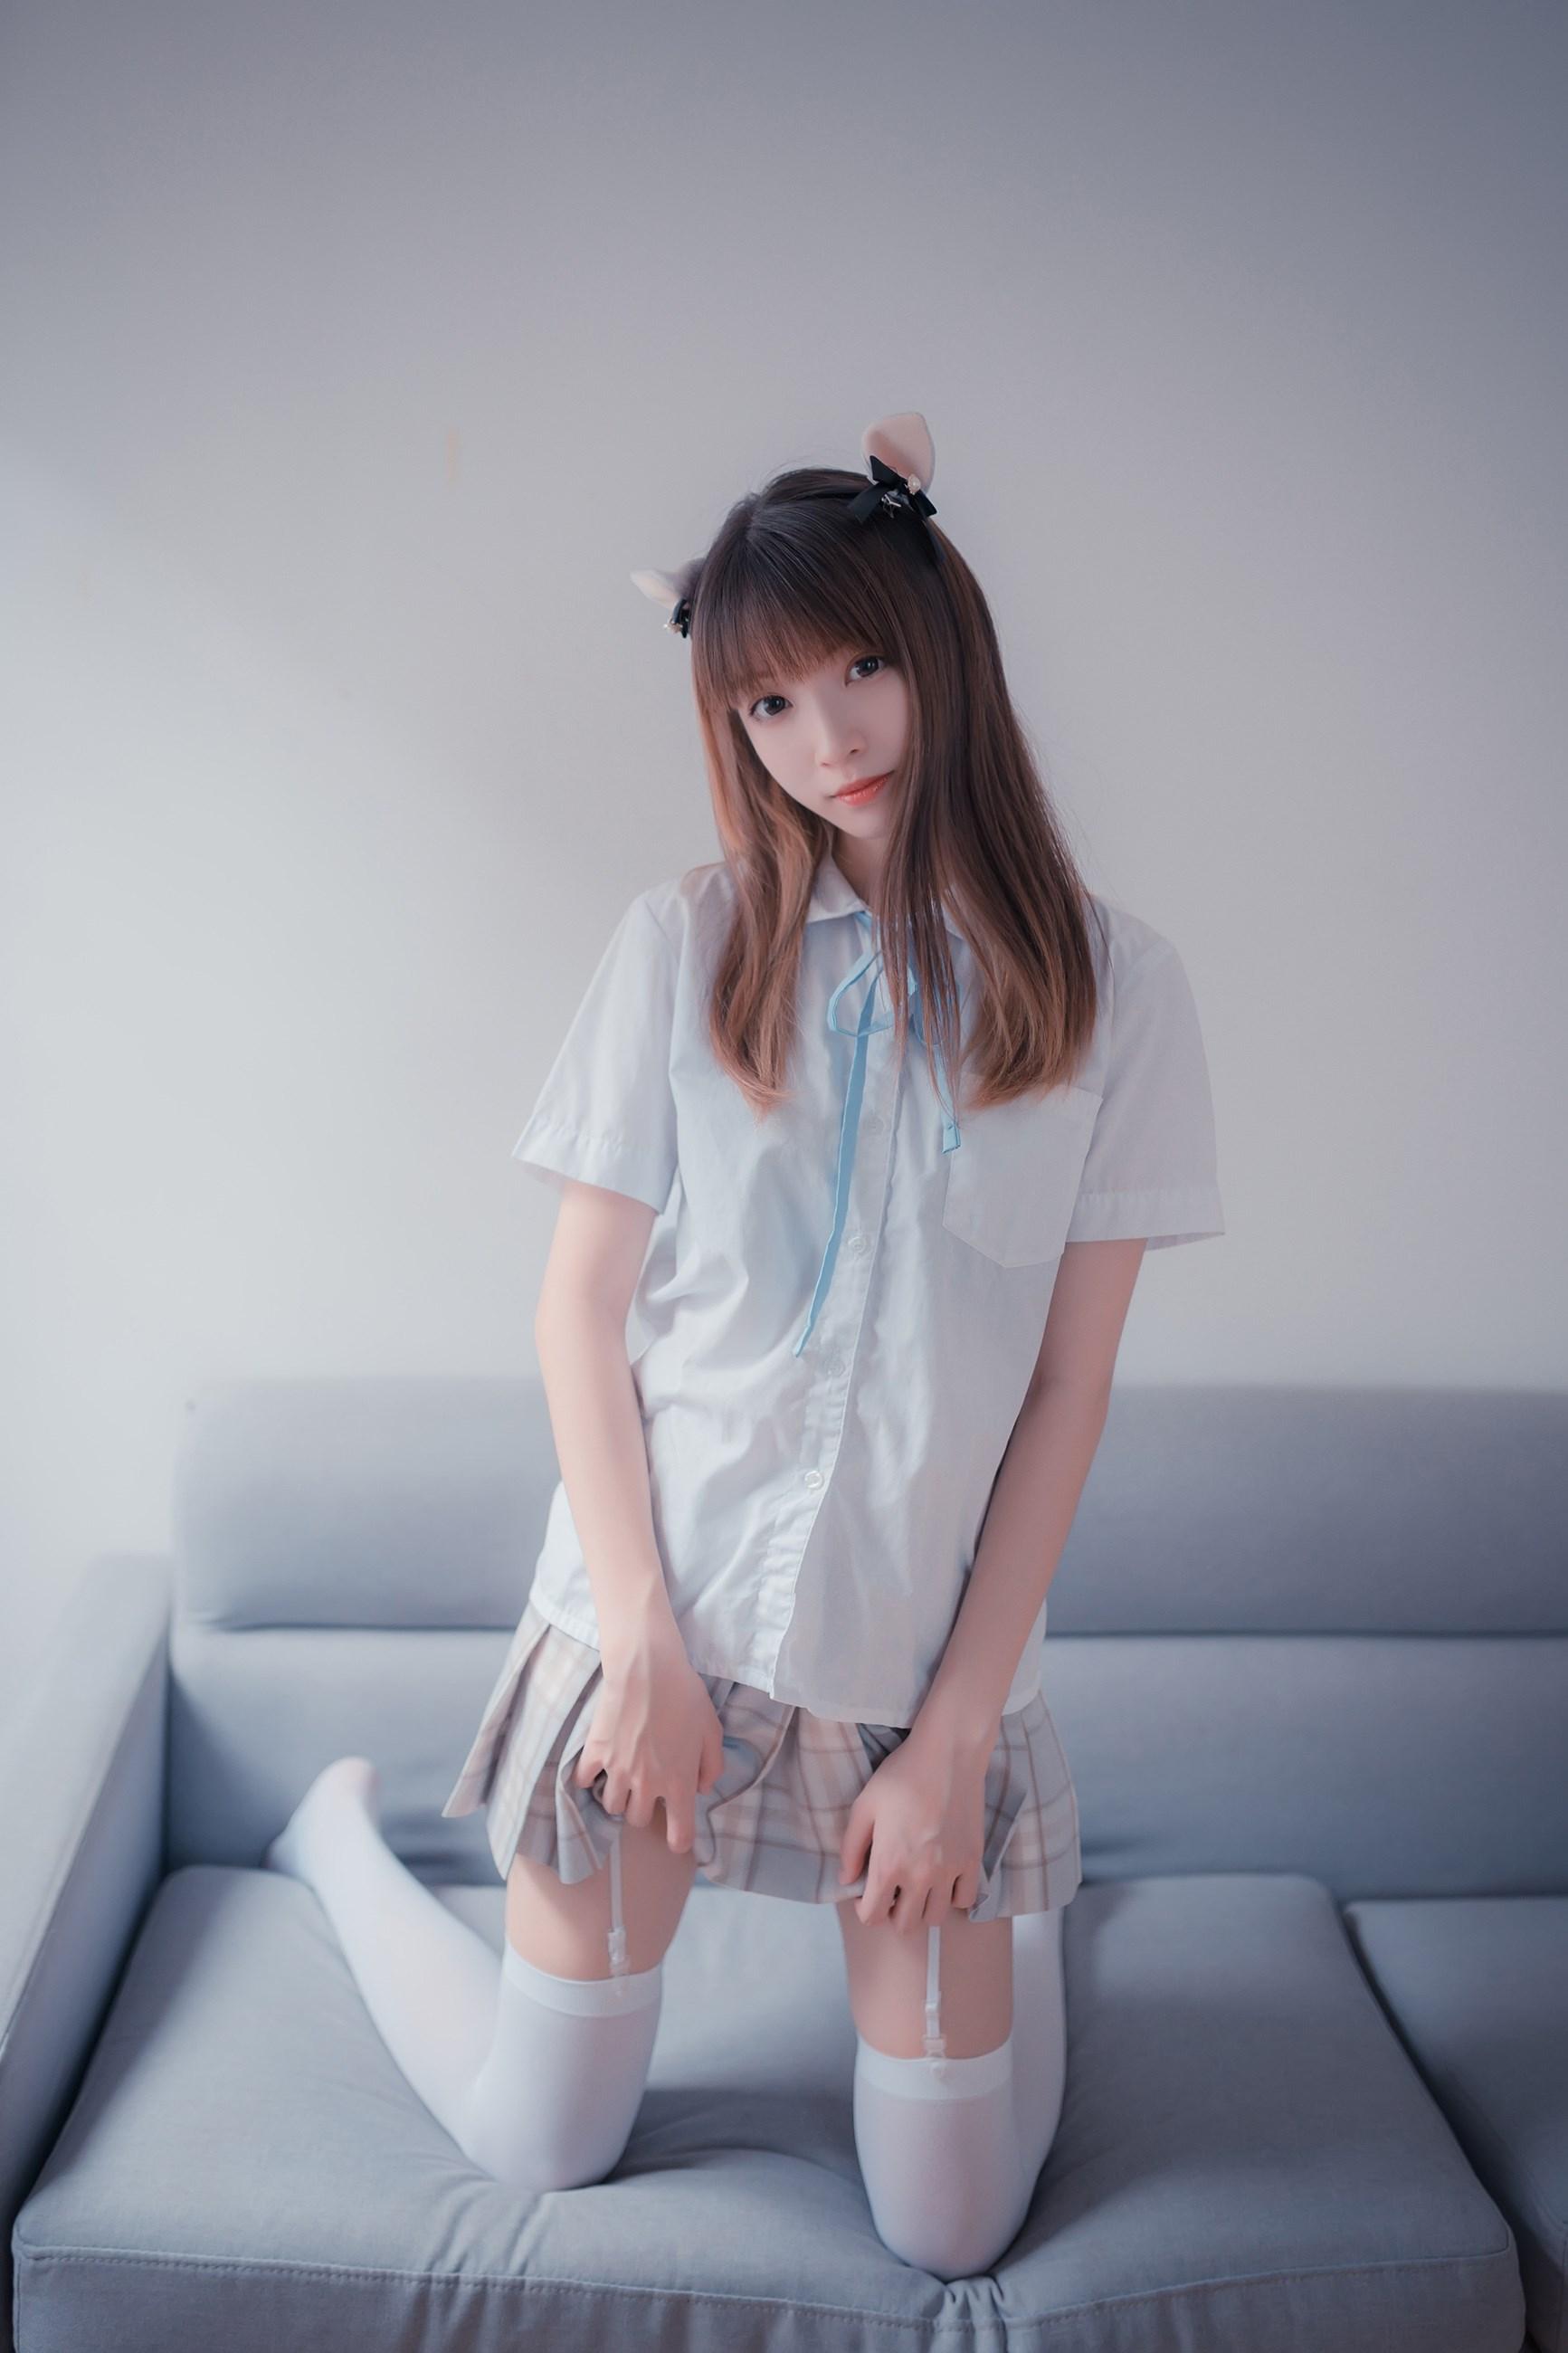 【兔玩映画】沙发上的JK少女 兔玩映画 第11张